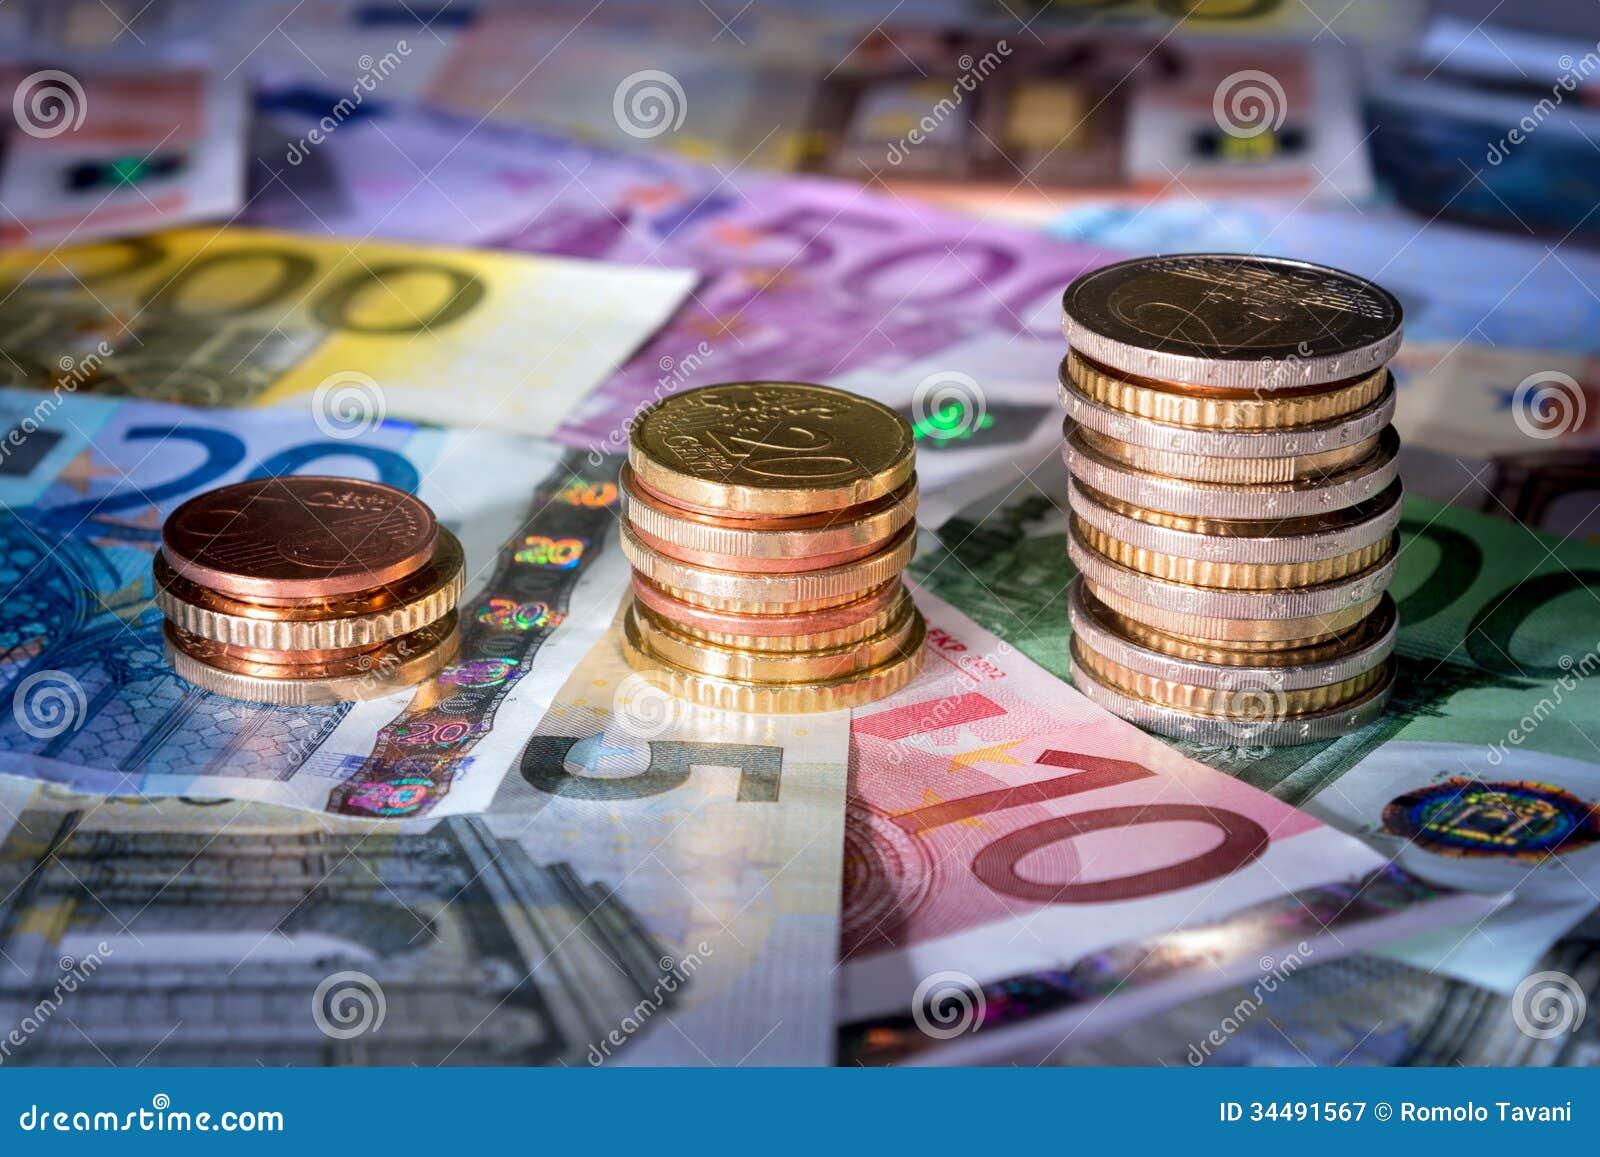 Las monedas trazan en la bolsa de acción euro de los billetes de banco, dinero en subida